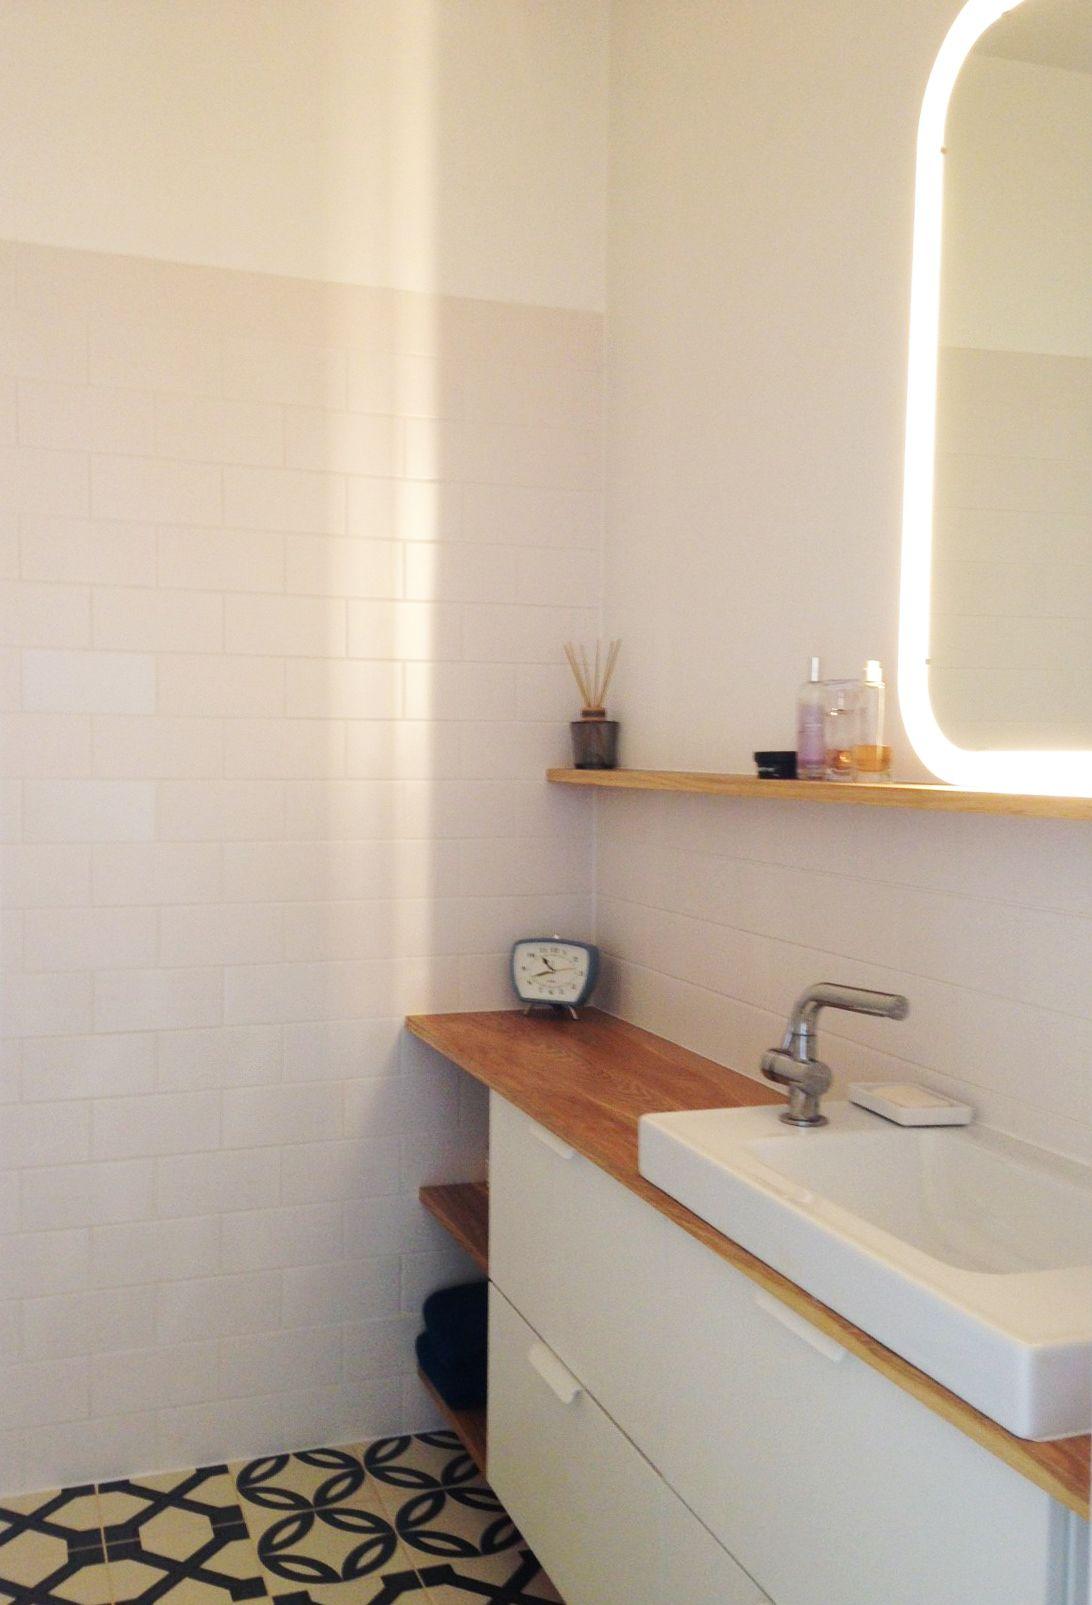 em architecte salle de bain de petite surface blanche et ch ne massif jeu de carreaux de. Black Bedroom Furniture Sets. Home Design Ideas